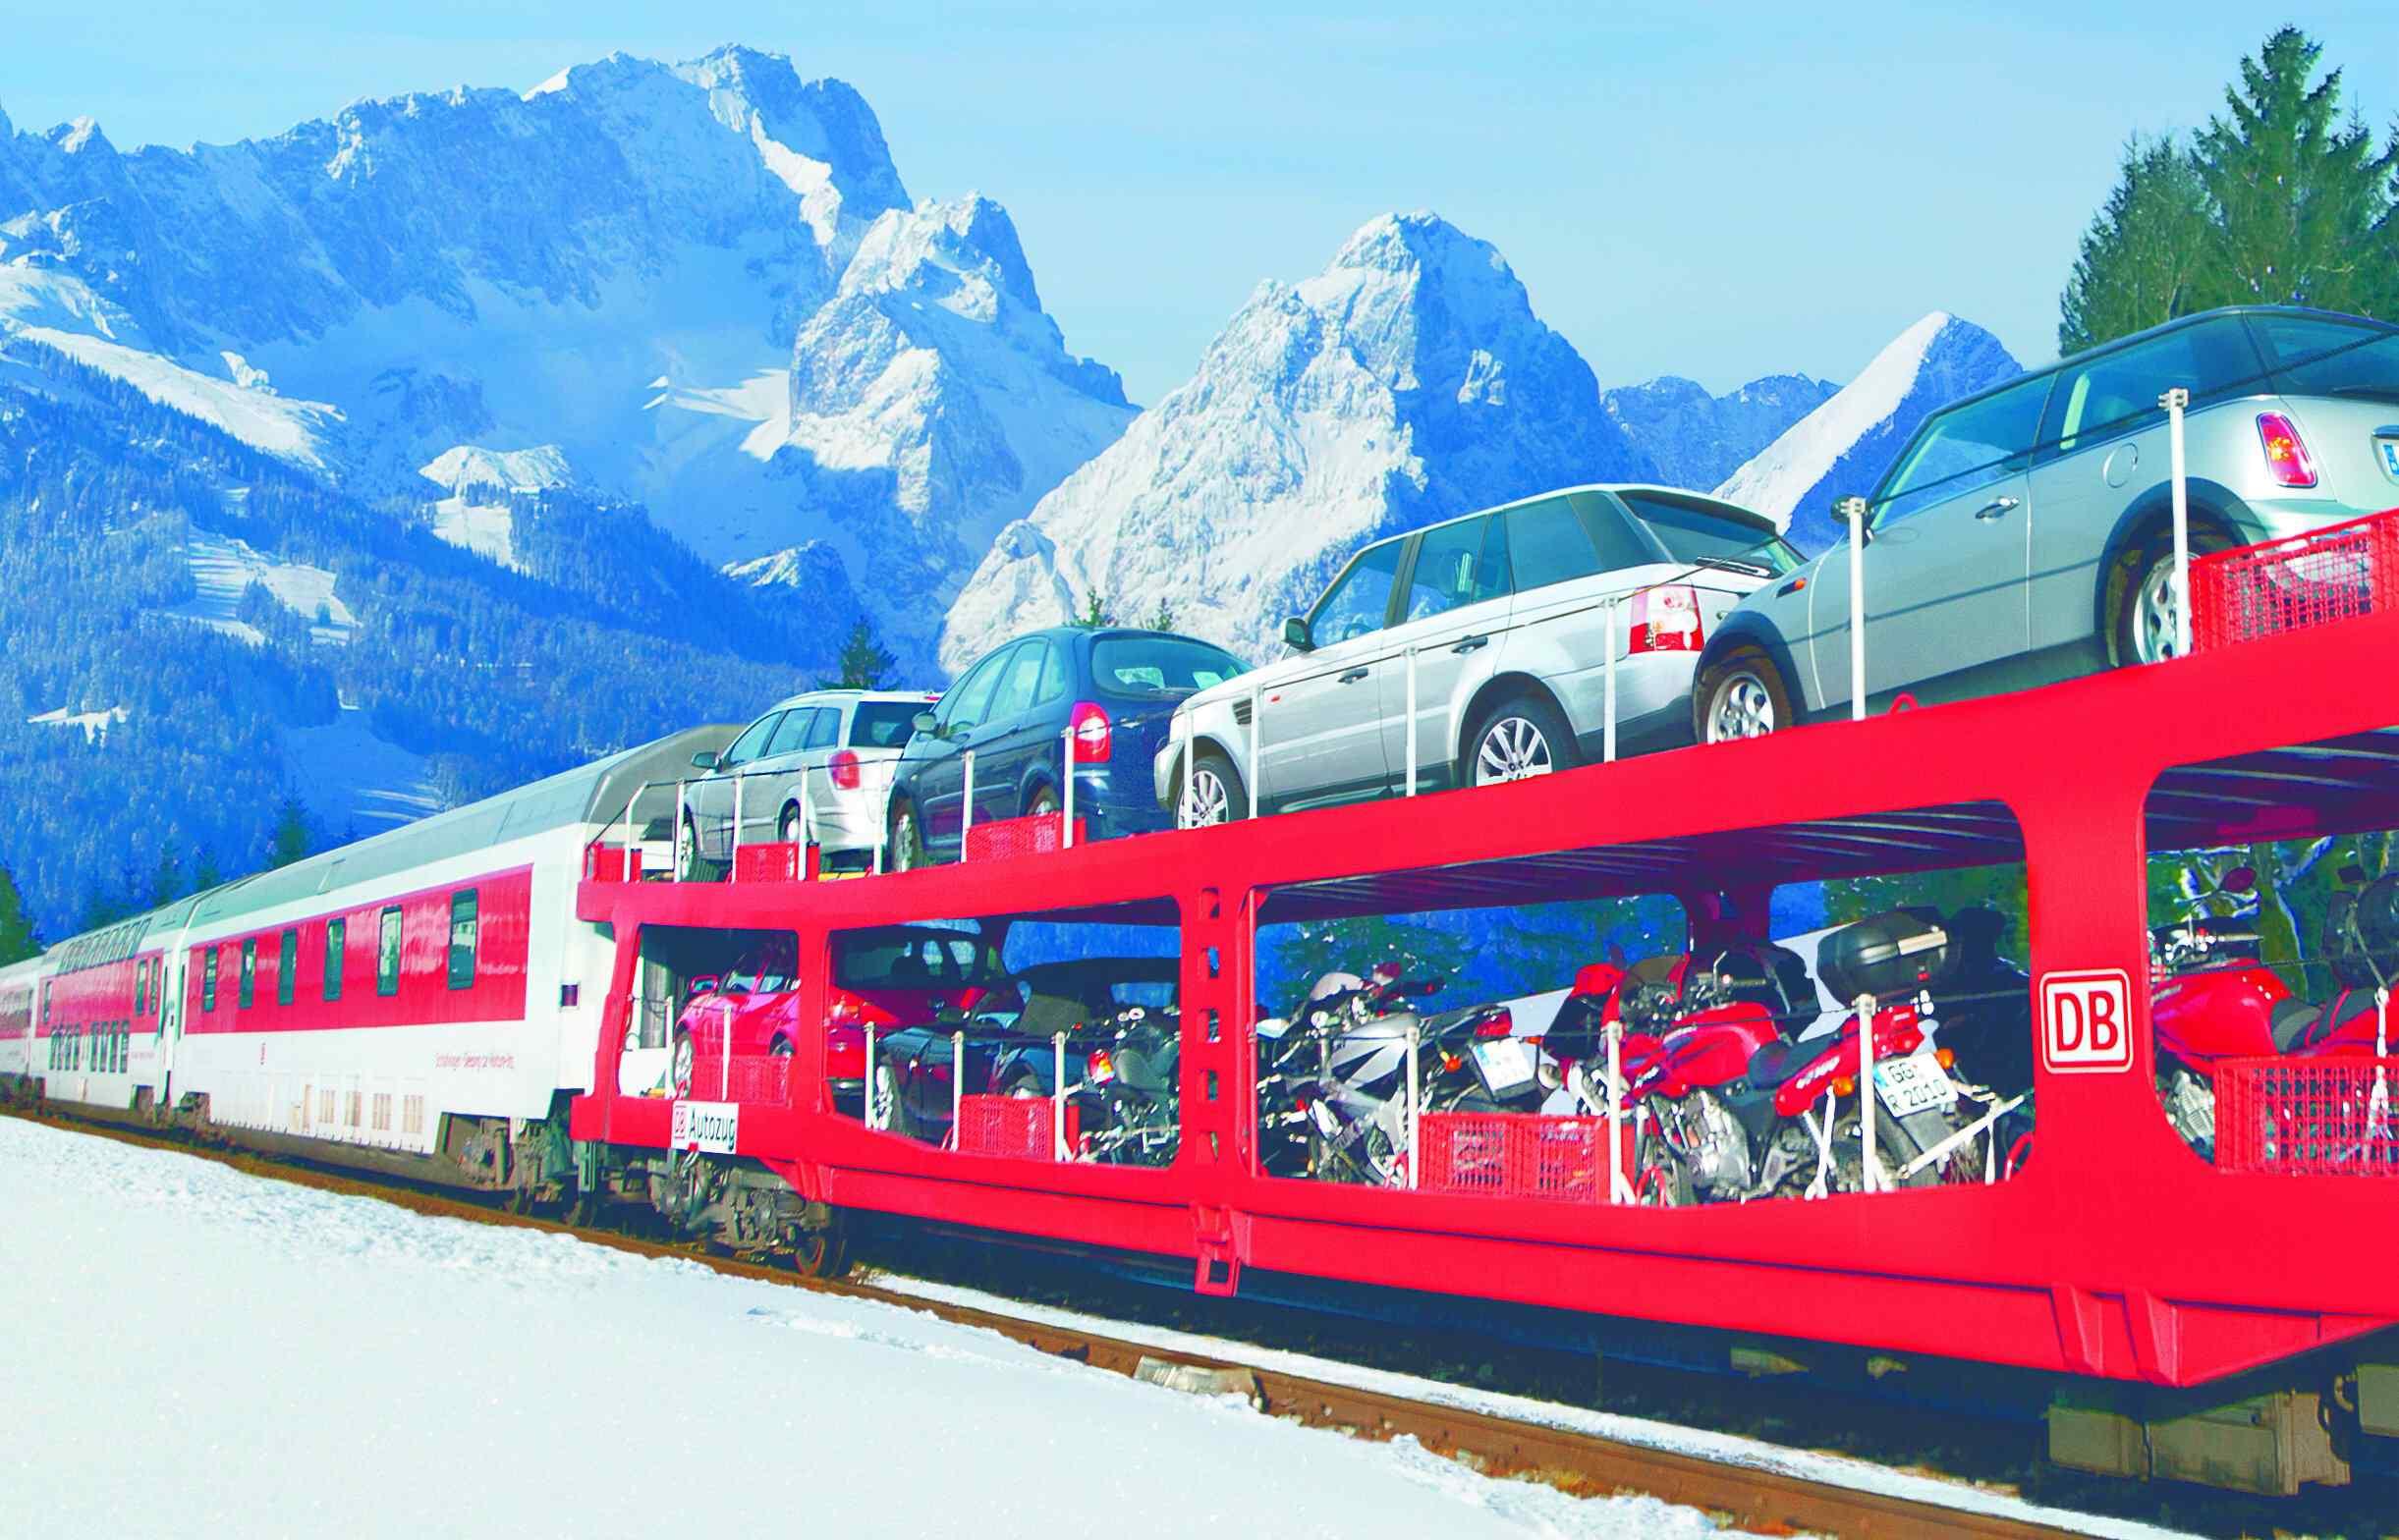 Der Autozug in den Bergen im Winter